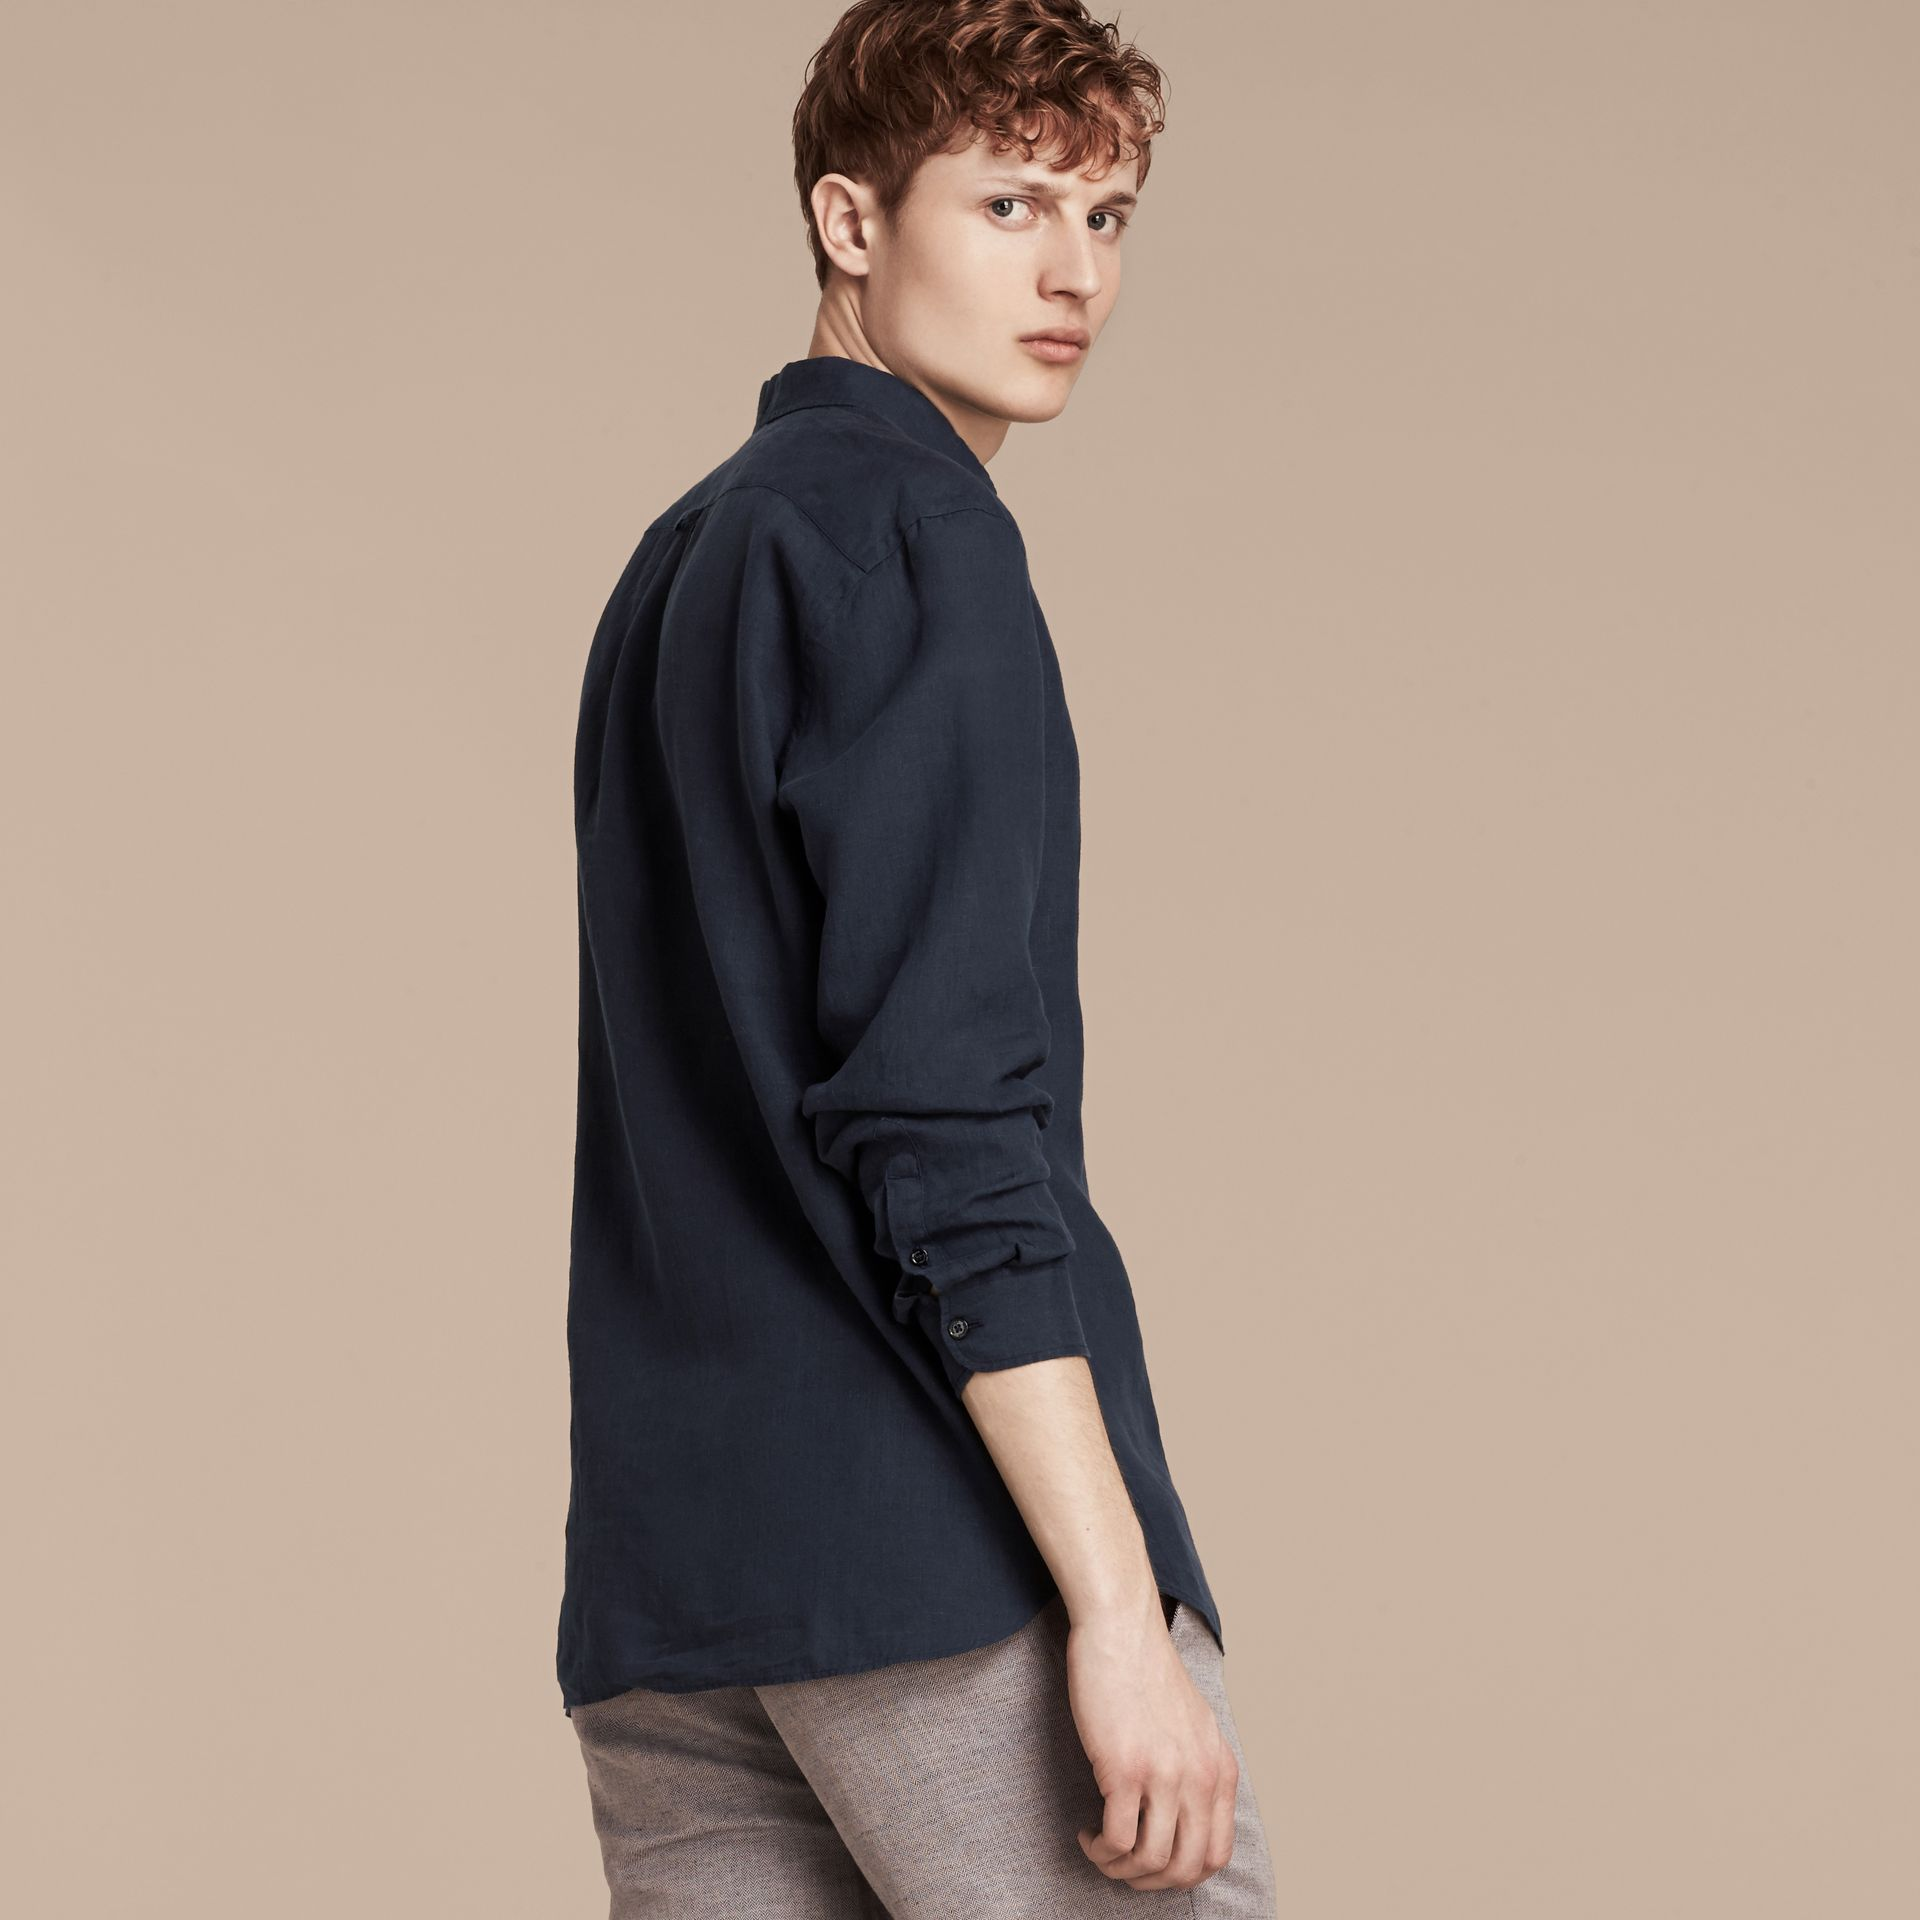 네이비 버튼 다운 칼라 리넨 셔츠 네이비 - 갤러리 이미지 2